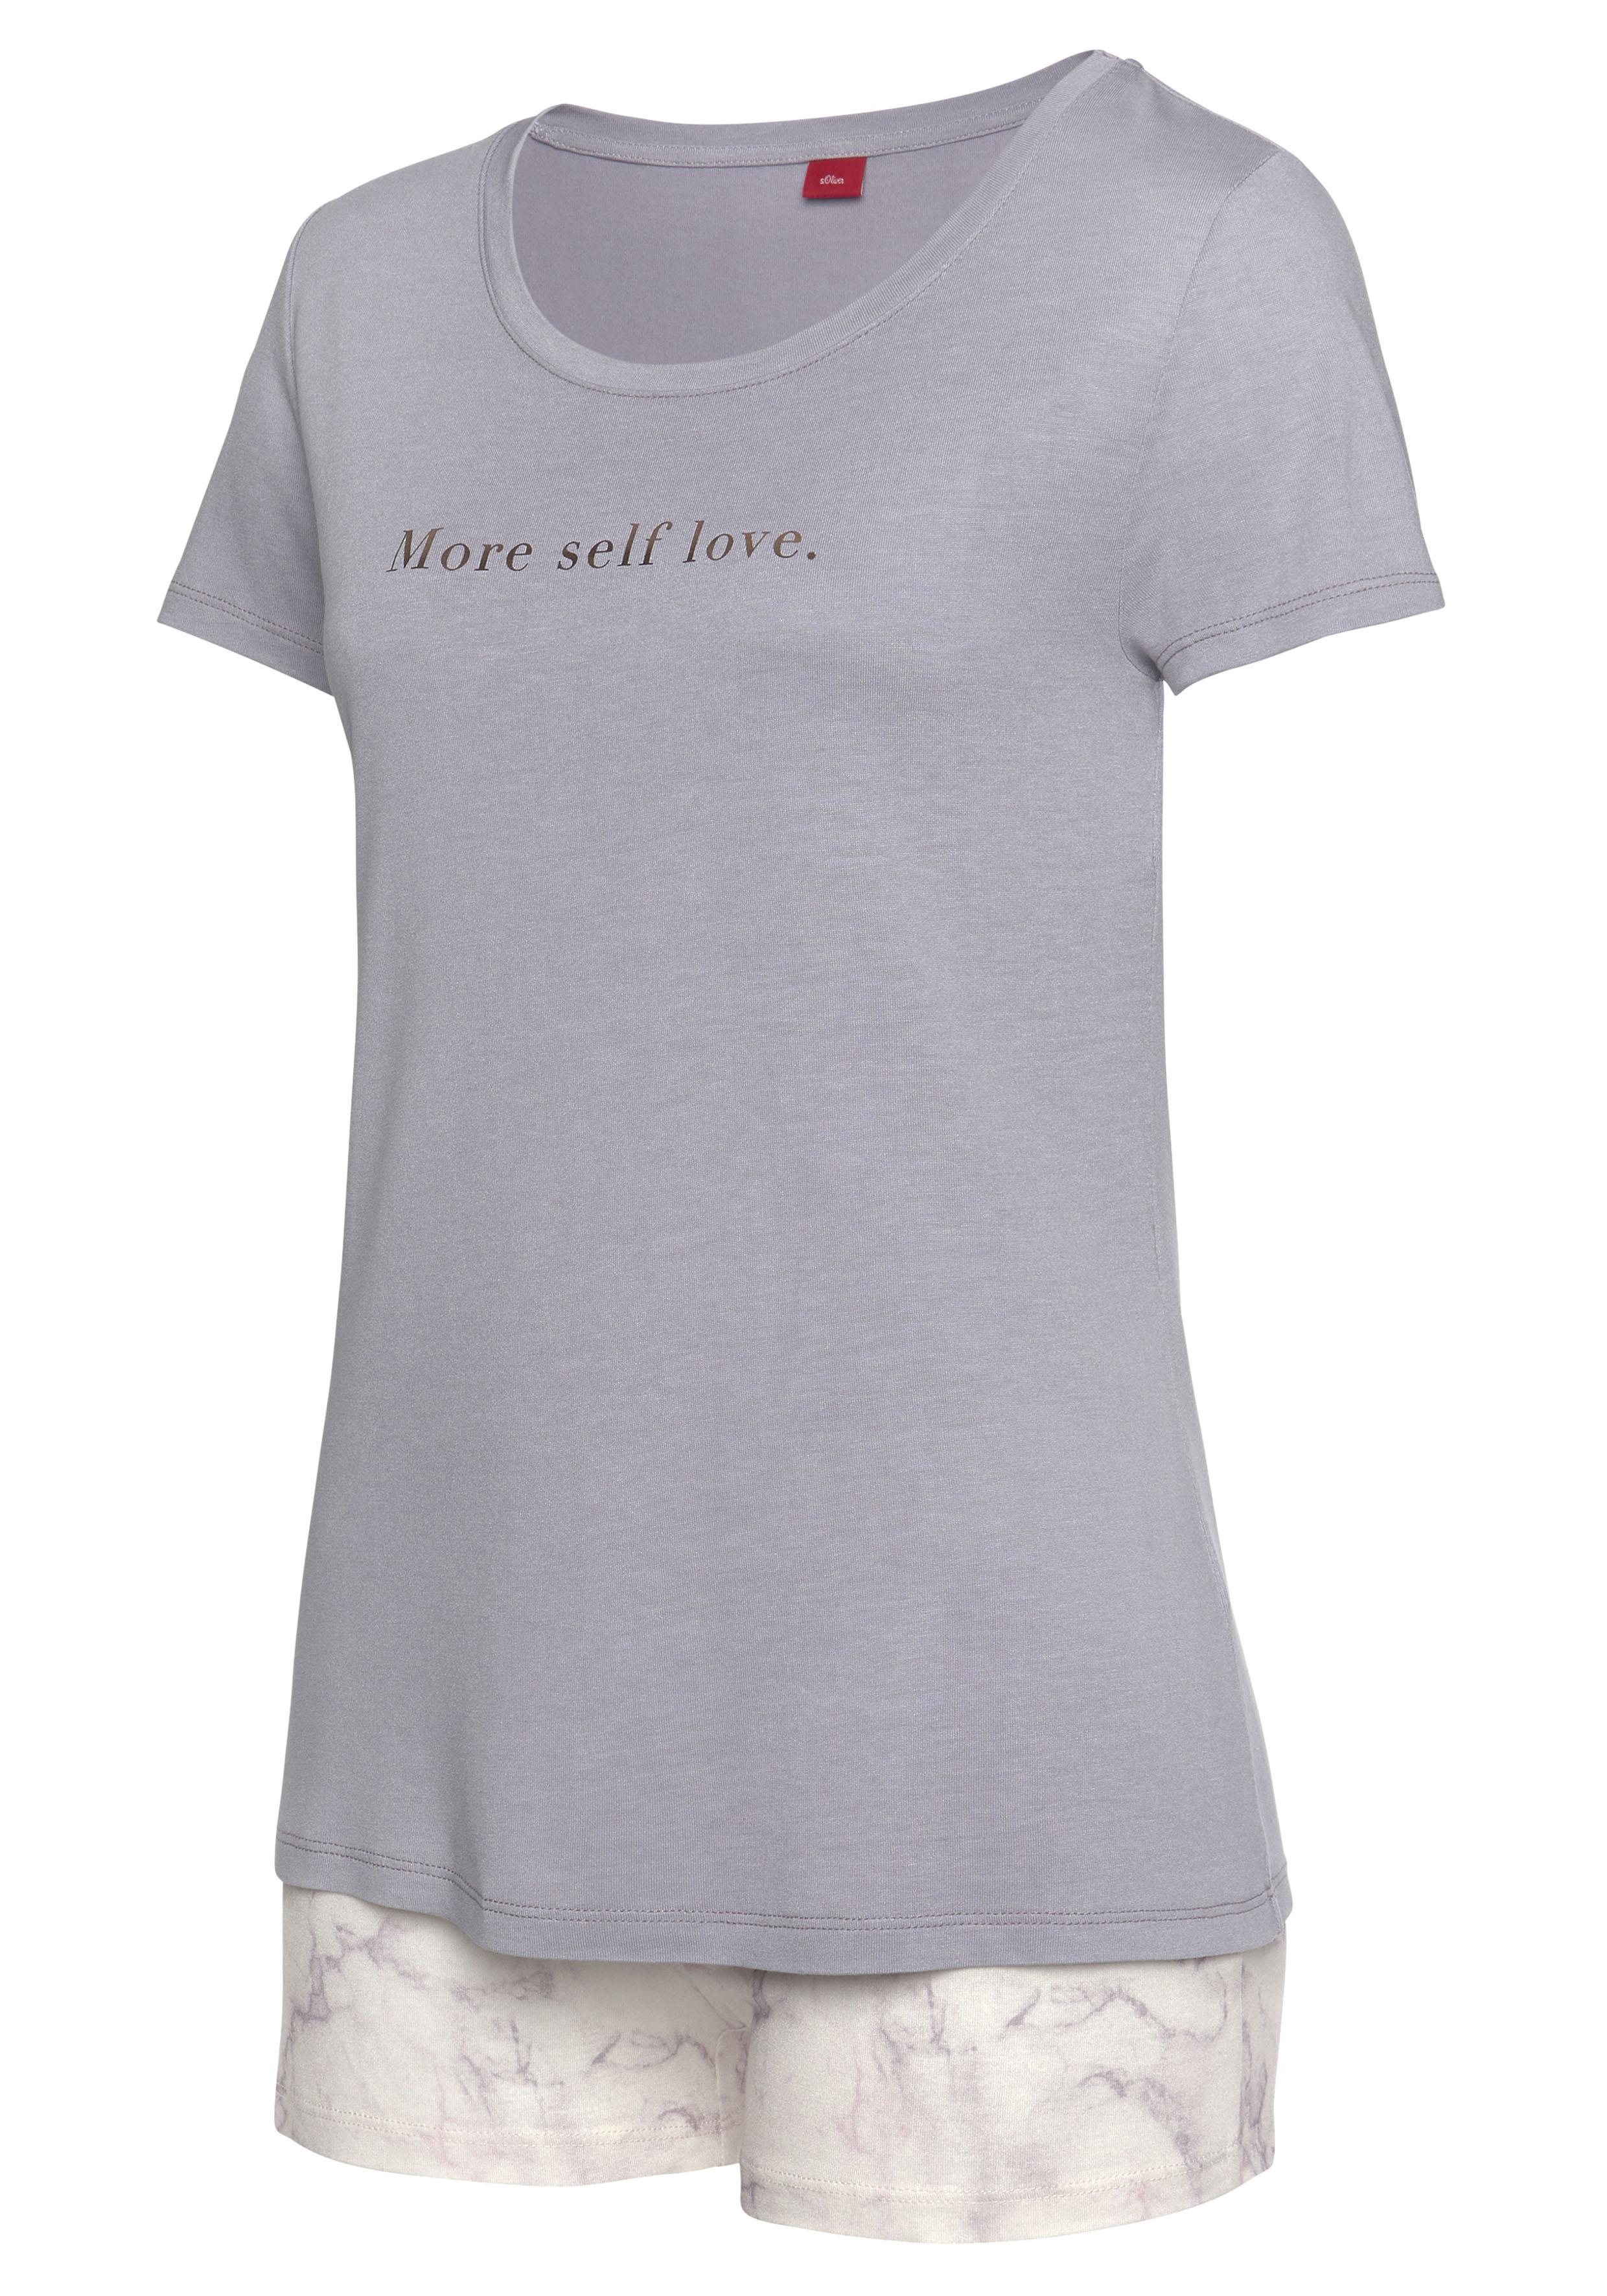 s.oliver -  Shorty, mit marmorierten Print